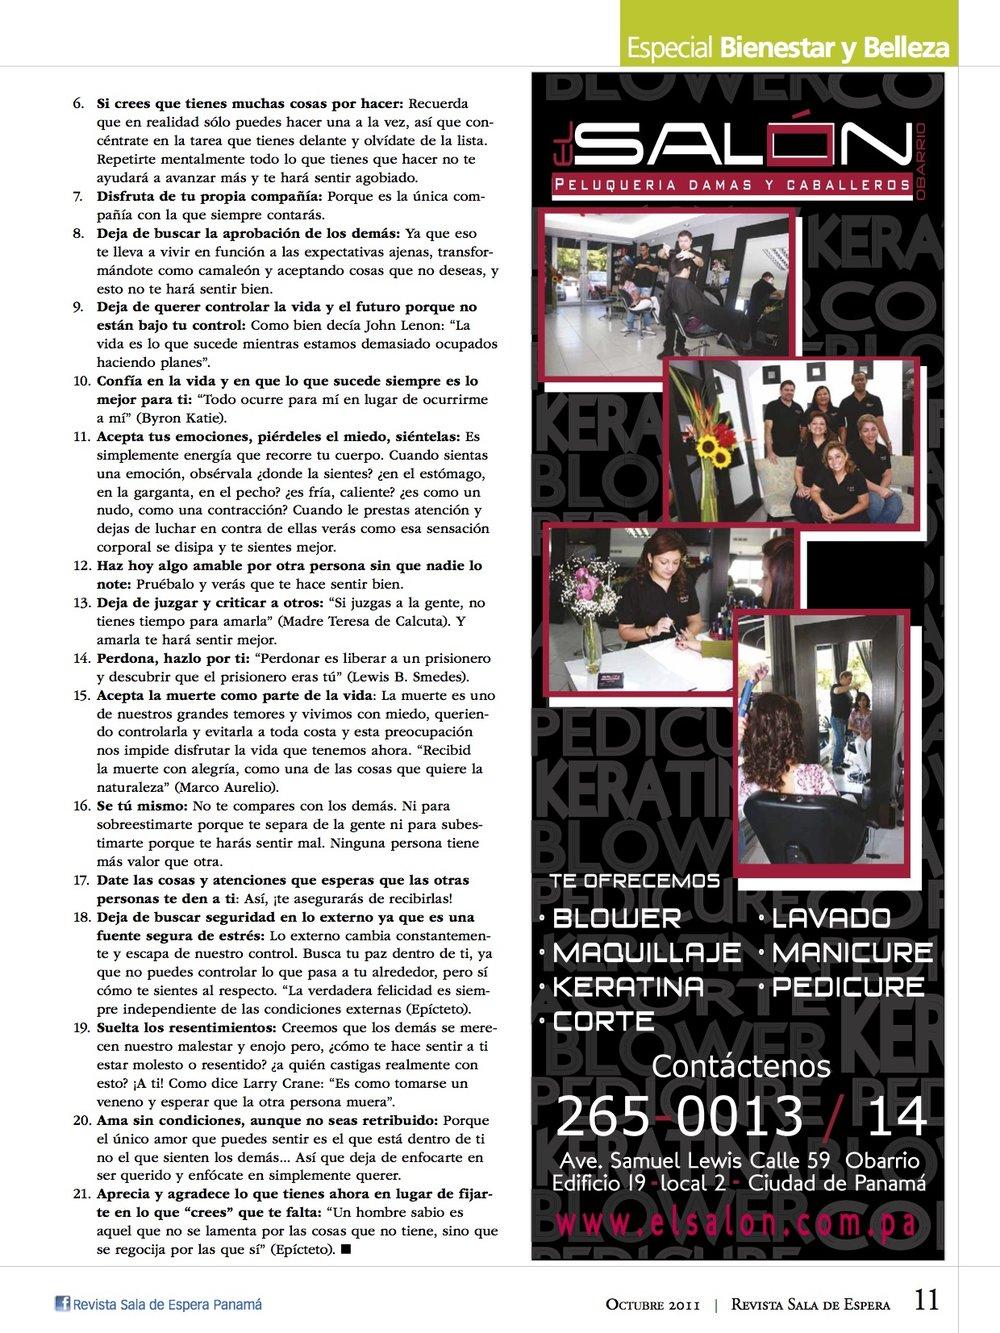 Sala de Espera Panama_Octubre 11 - 2.jpg